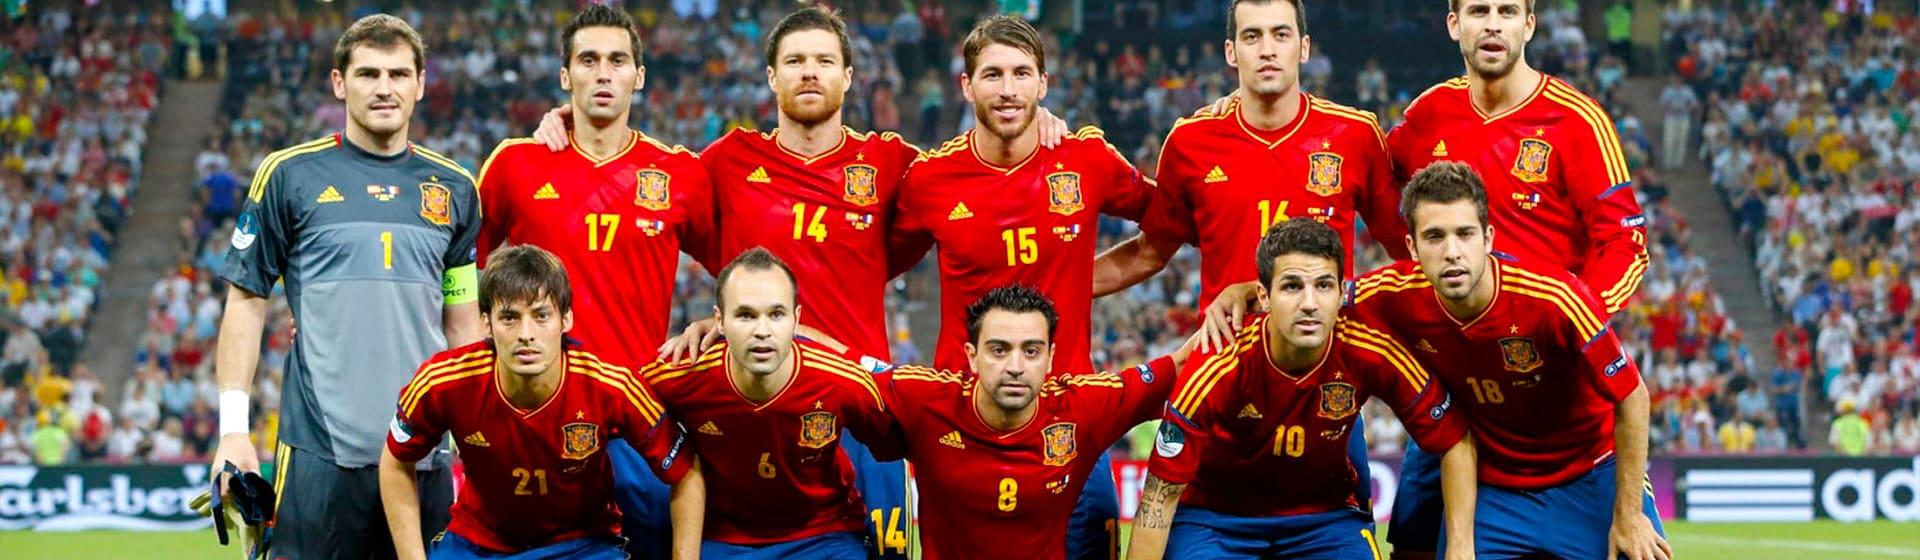 Сборная Испании - Мерч и одежда с атрибутикой